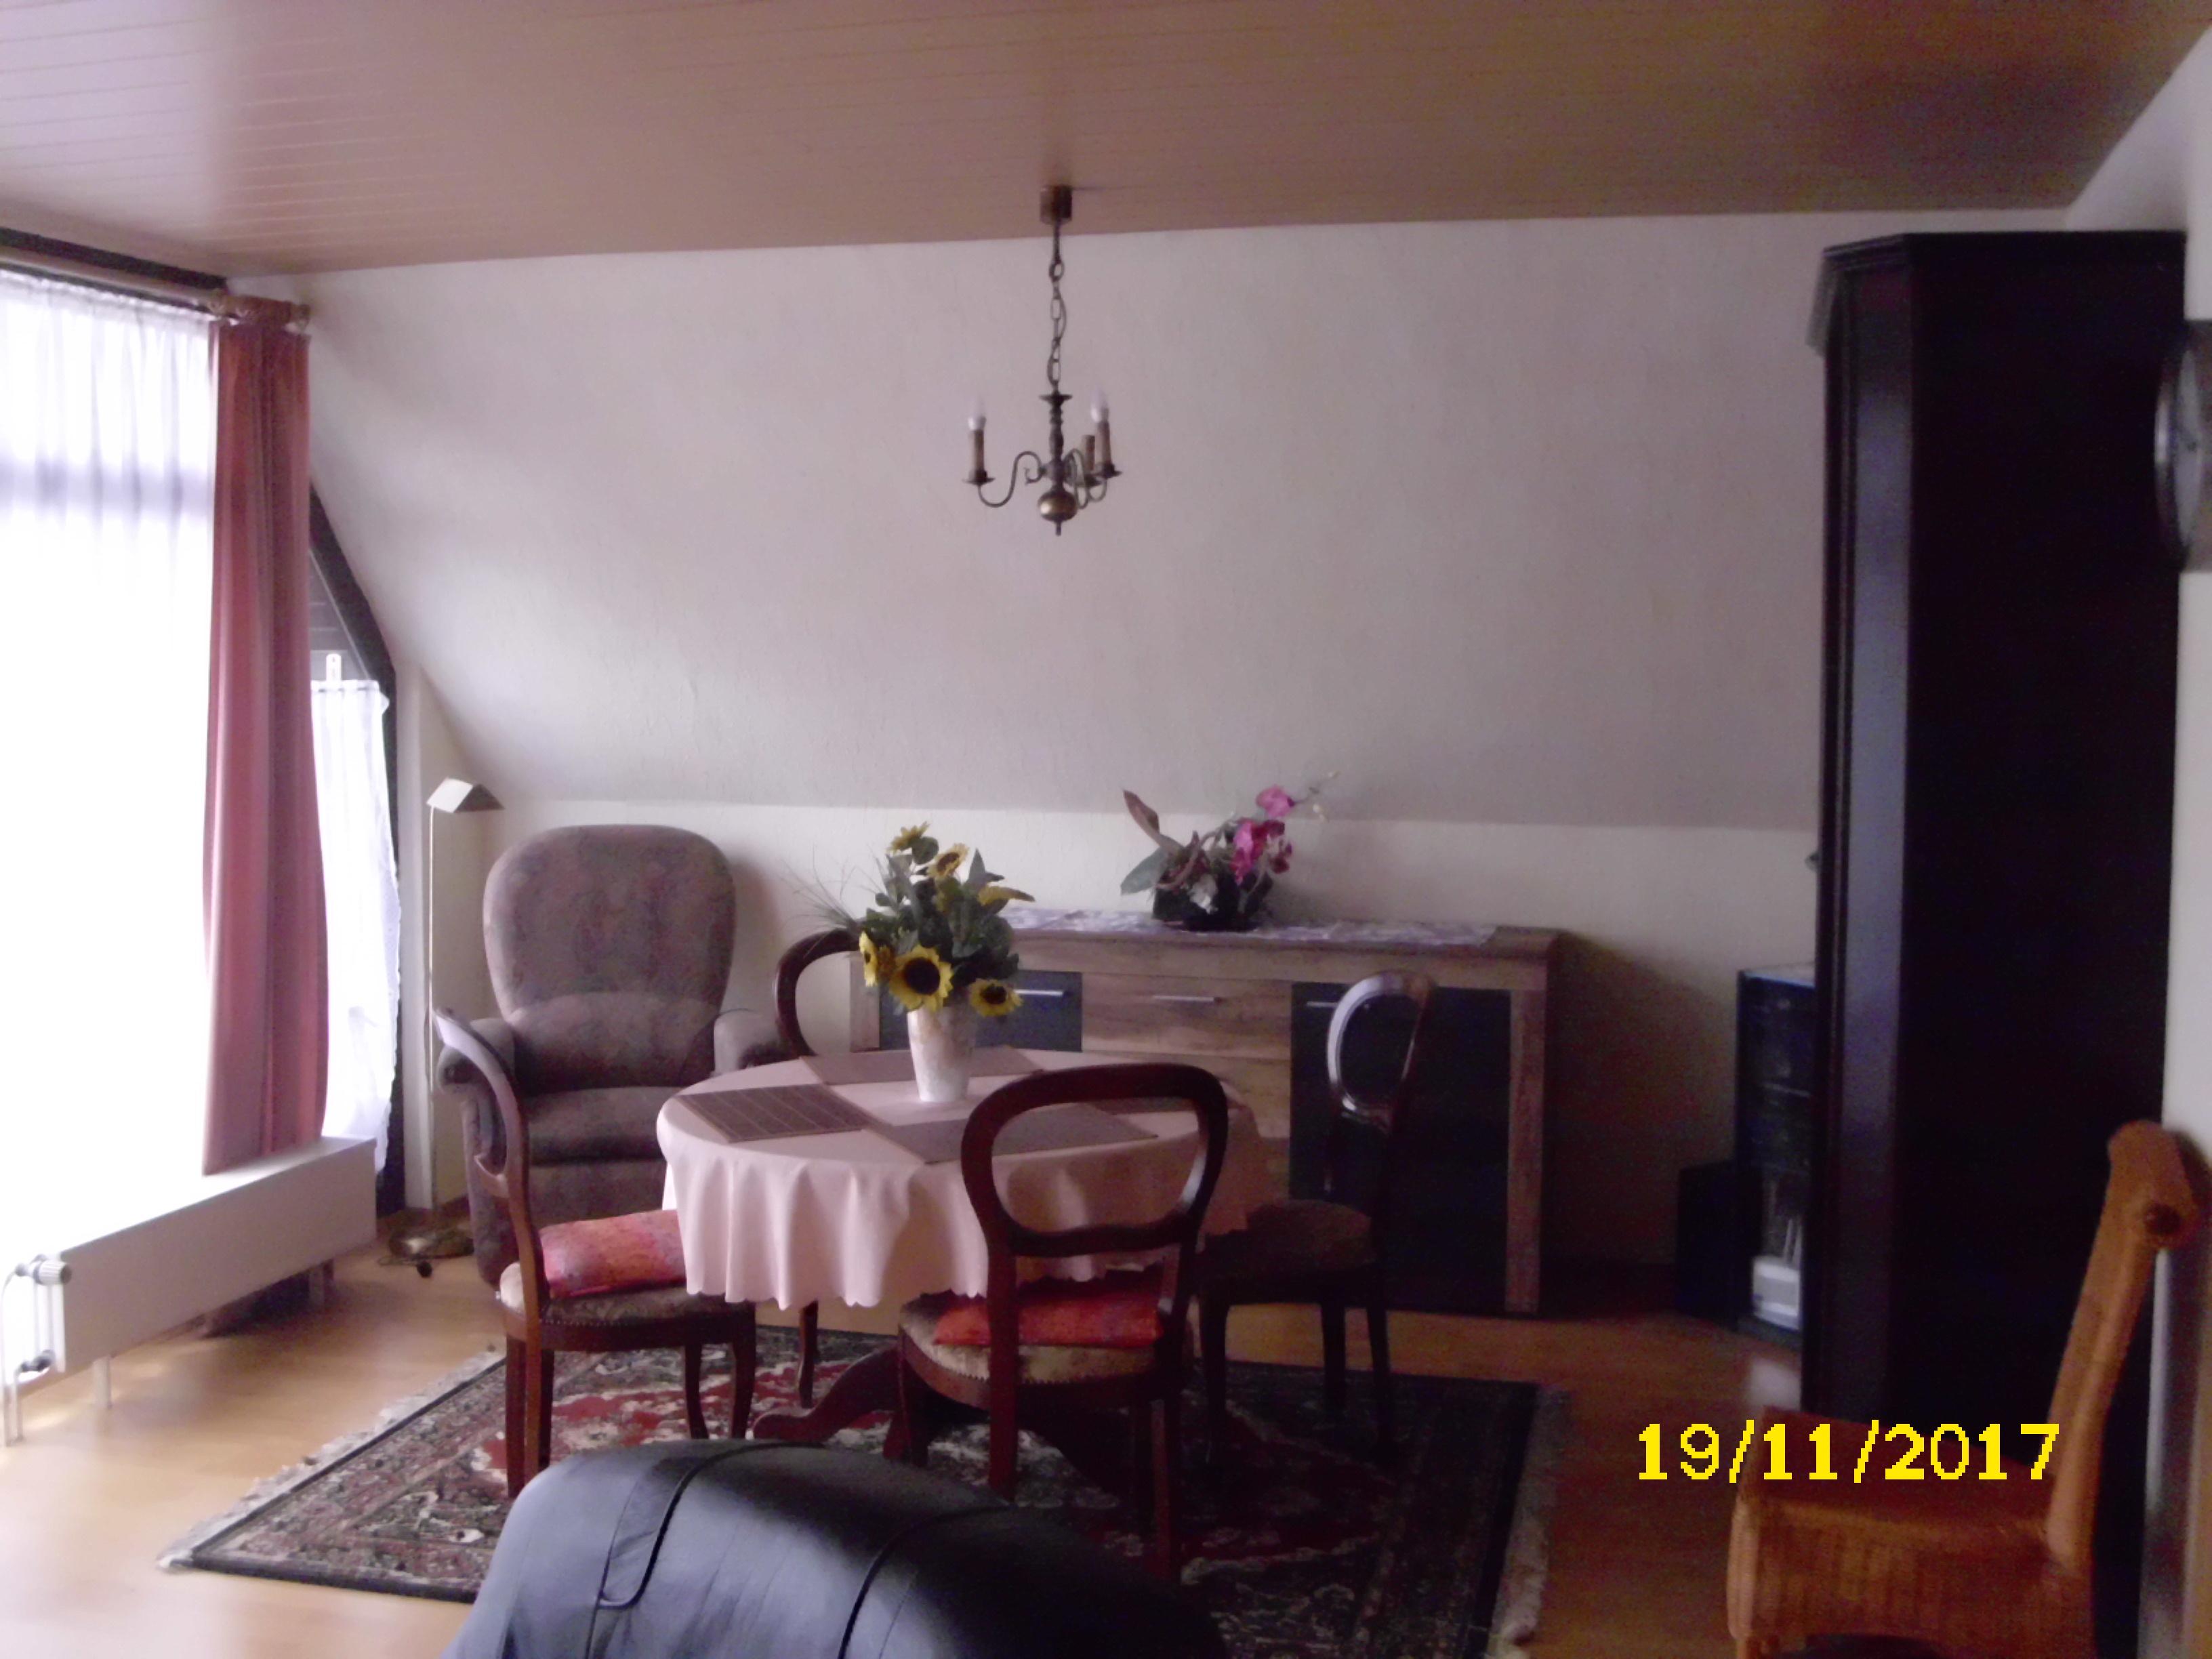 Ferienwohnung Helwig 65qm, Wohnzimmer